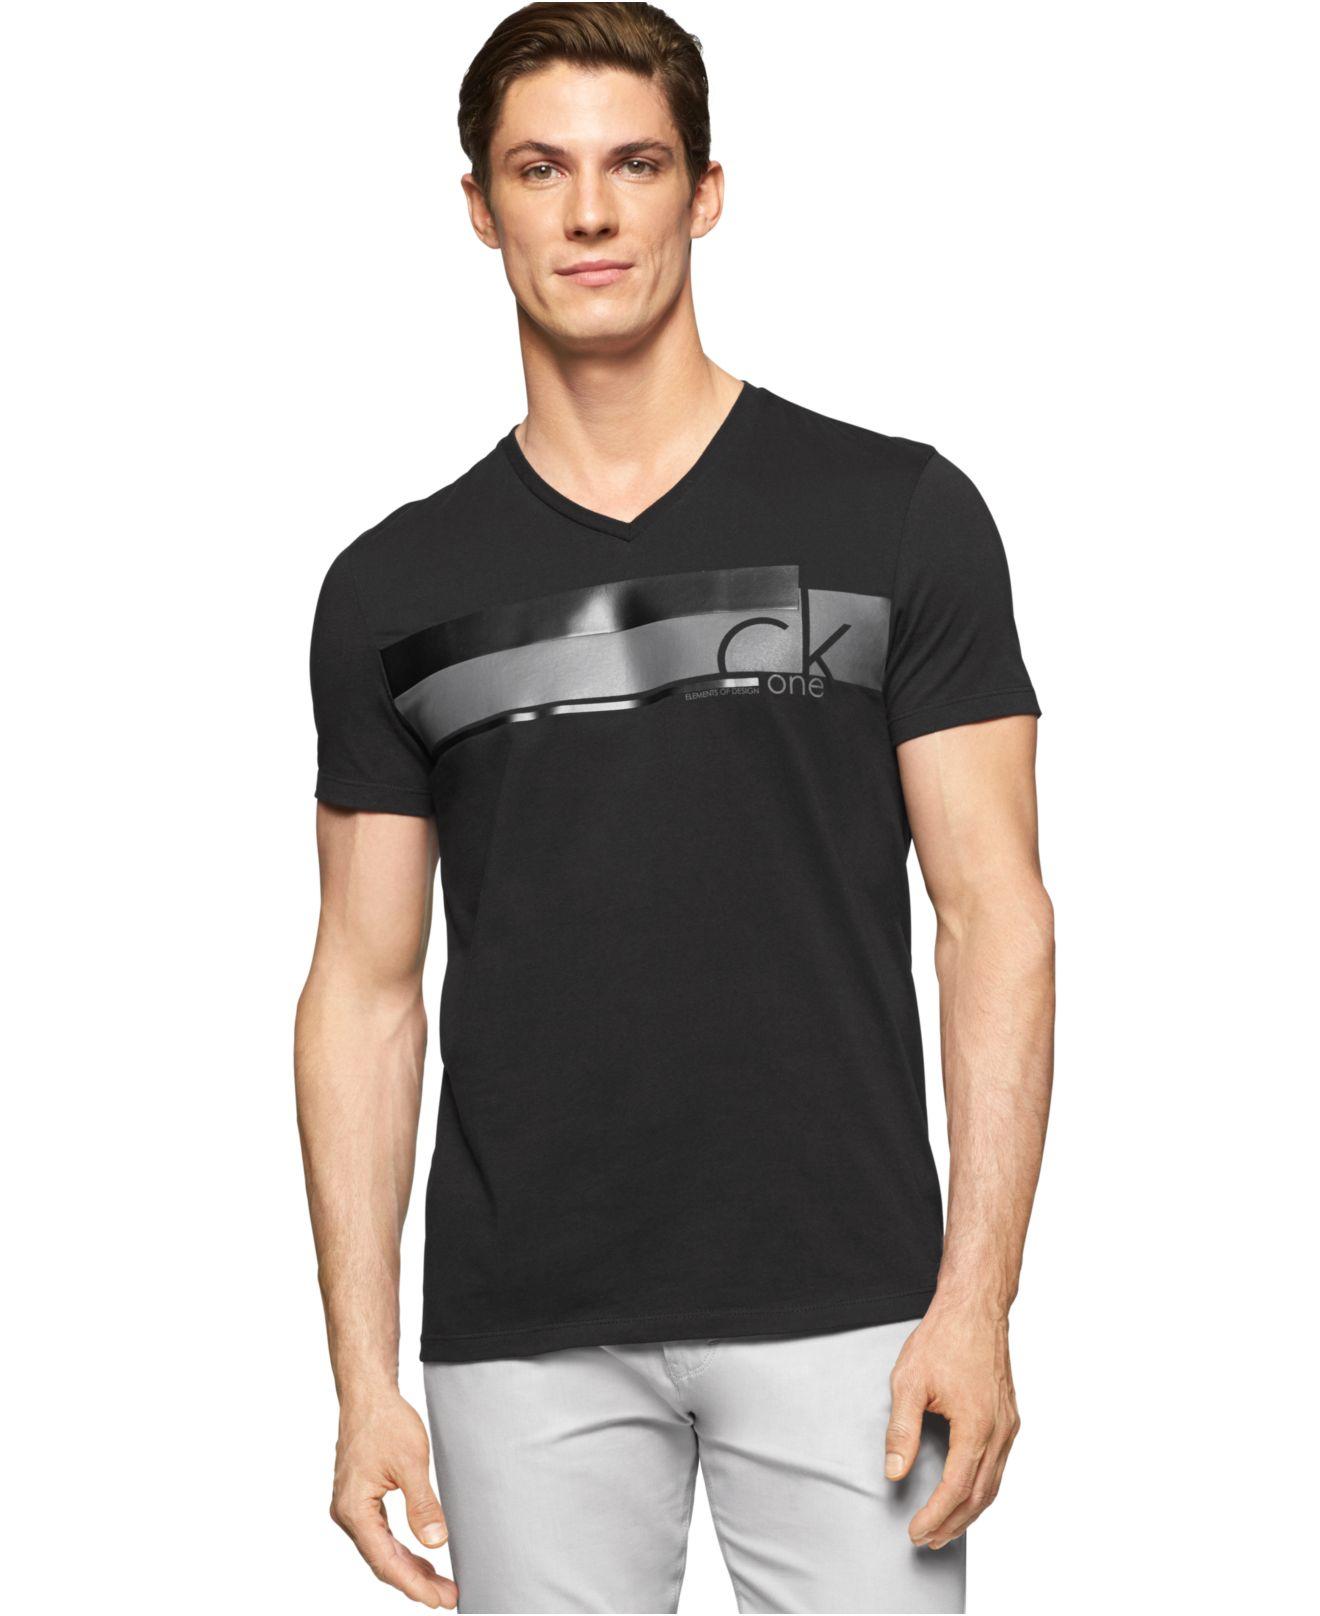 calvin klein v neck slim fit t shirt in black for men lyst. Black Bedroom Furniture Sets. Home Design Ideas